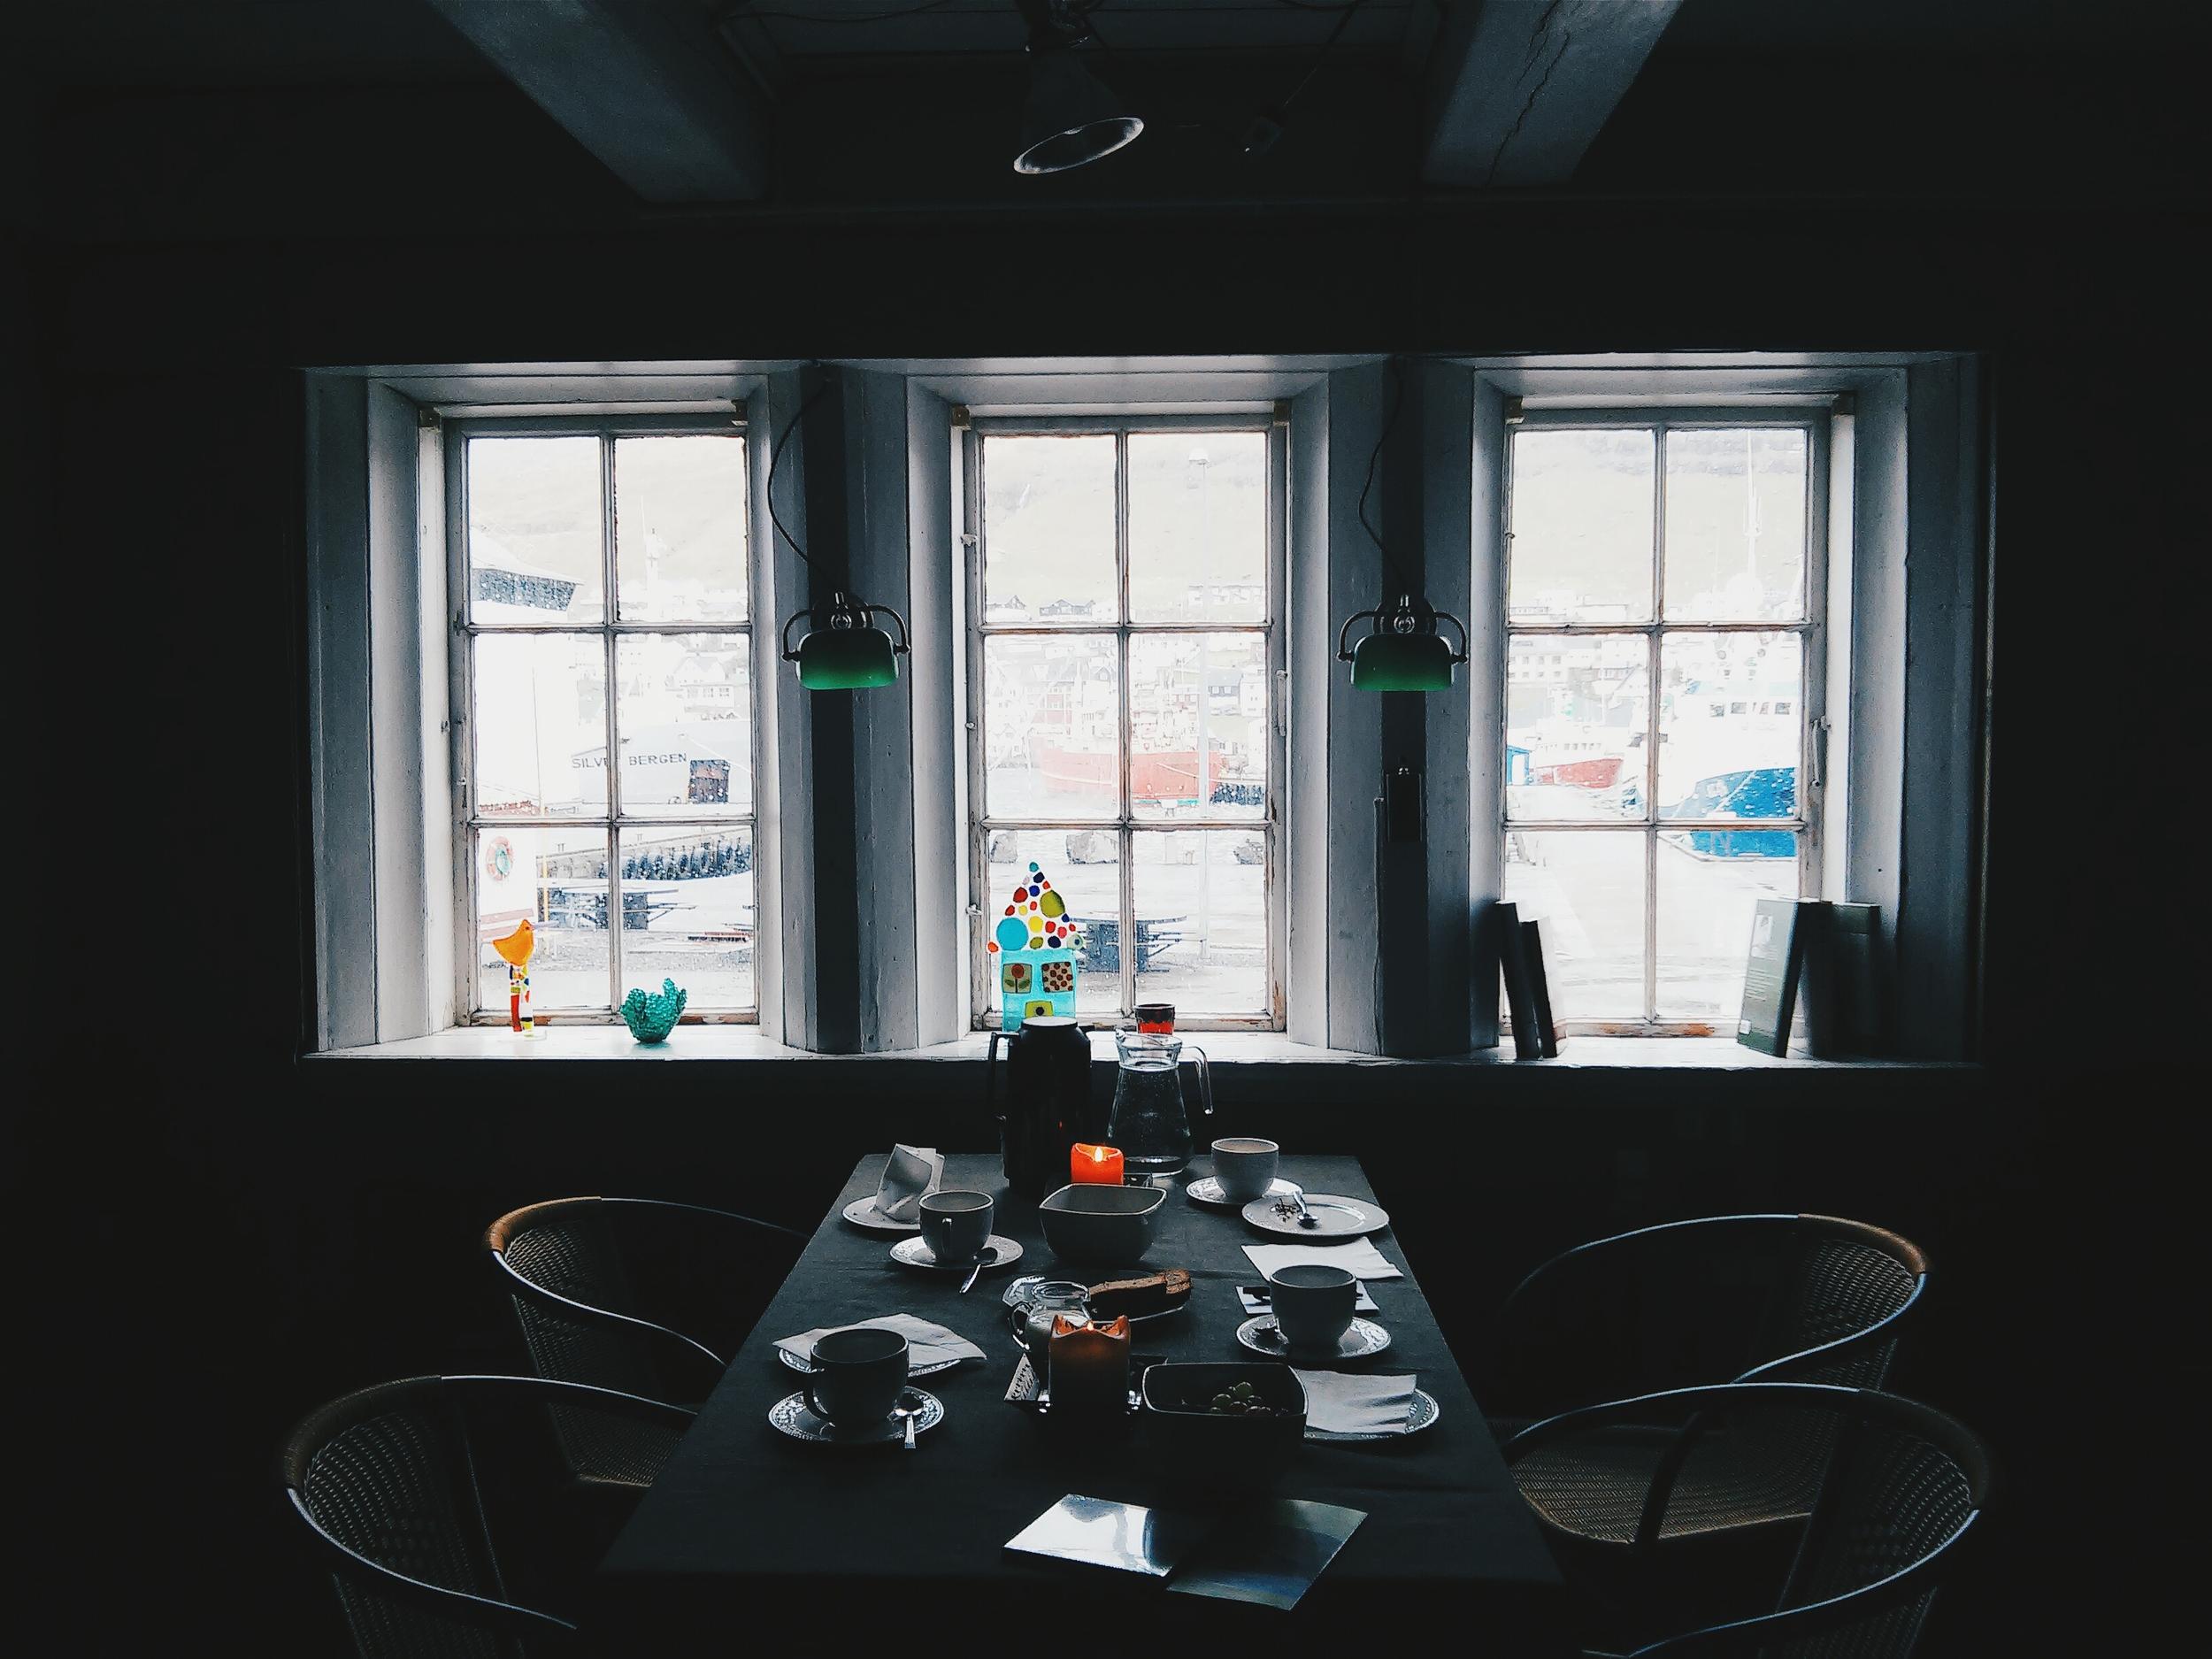 Το δωμάτιο που σέρβιρε ο Γιόγκβαν τον καφέ